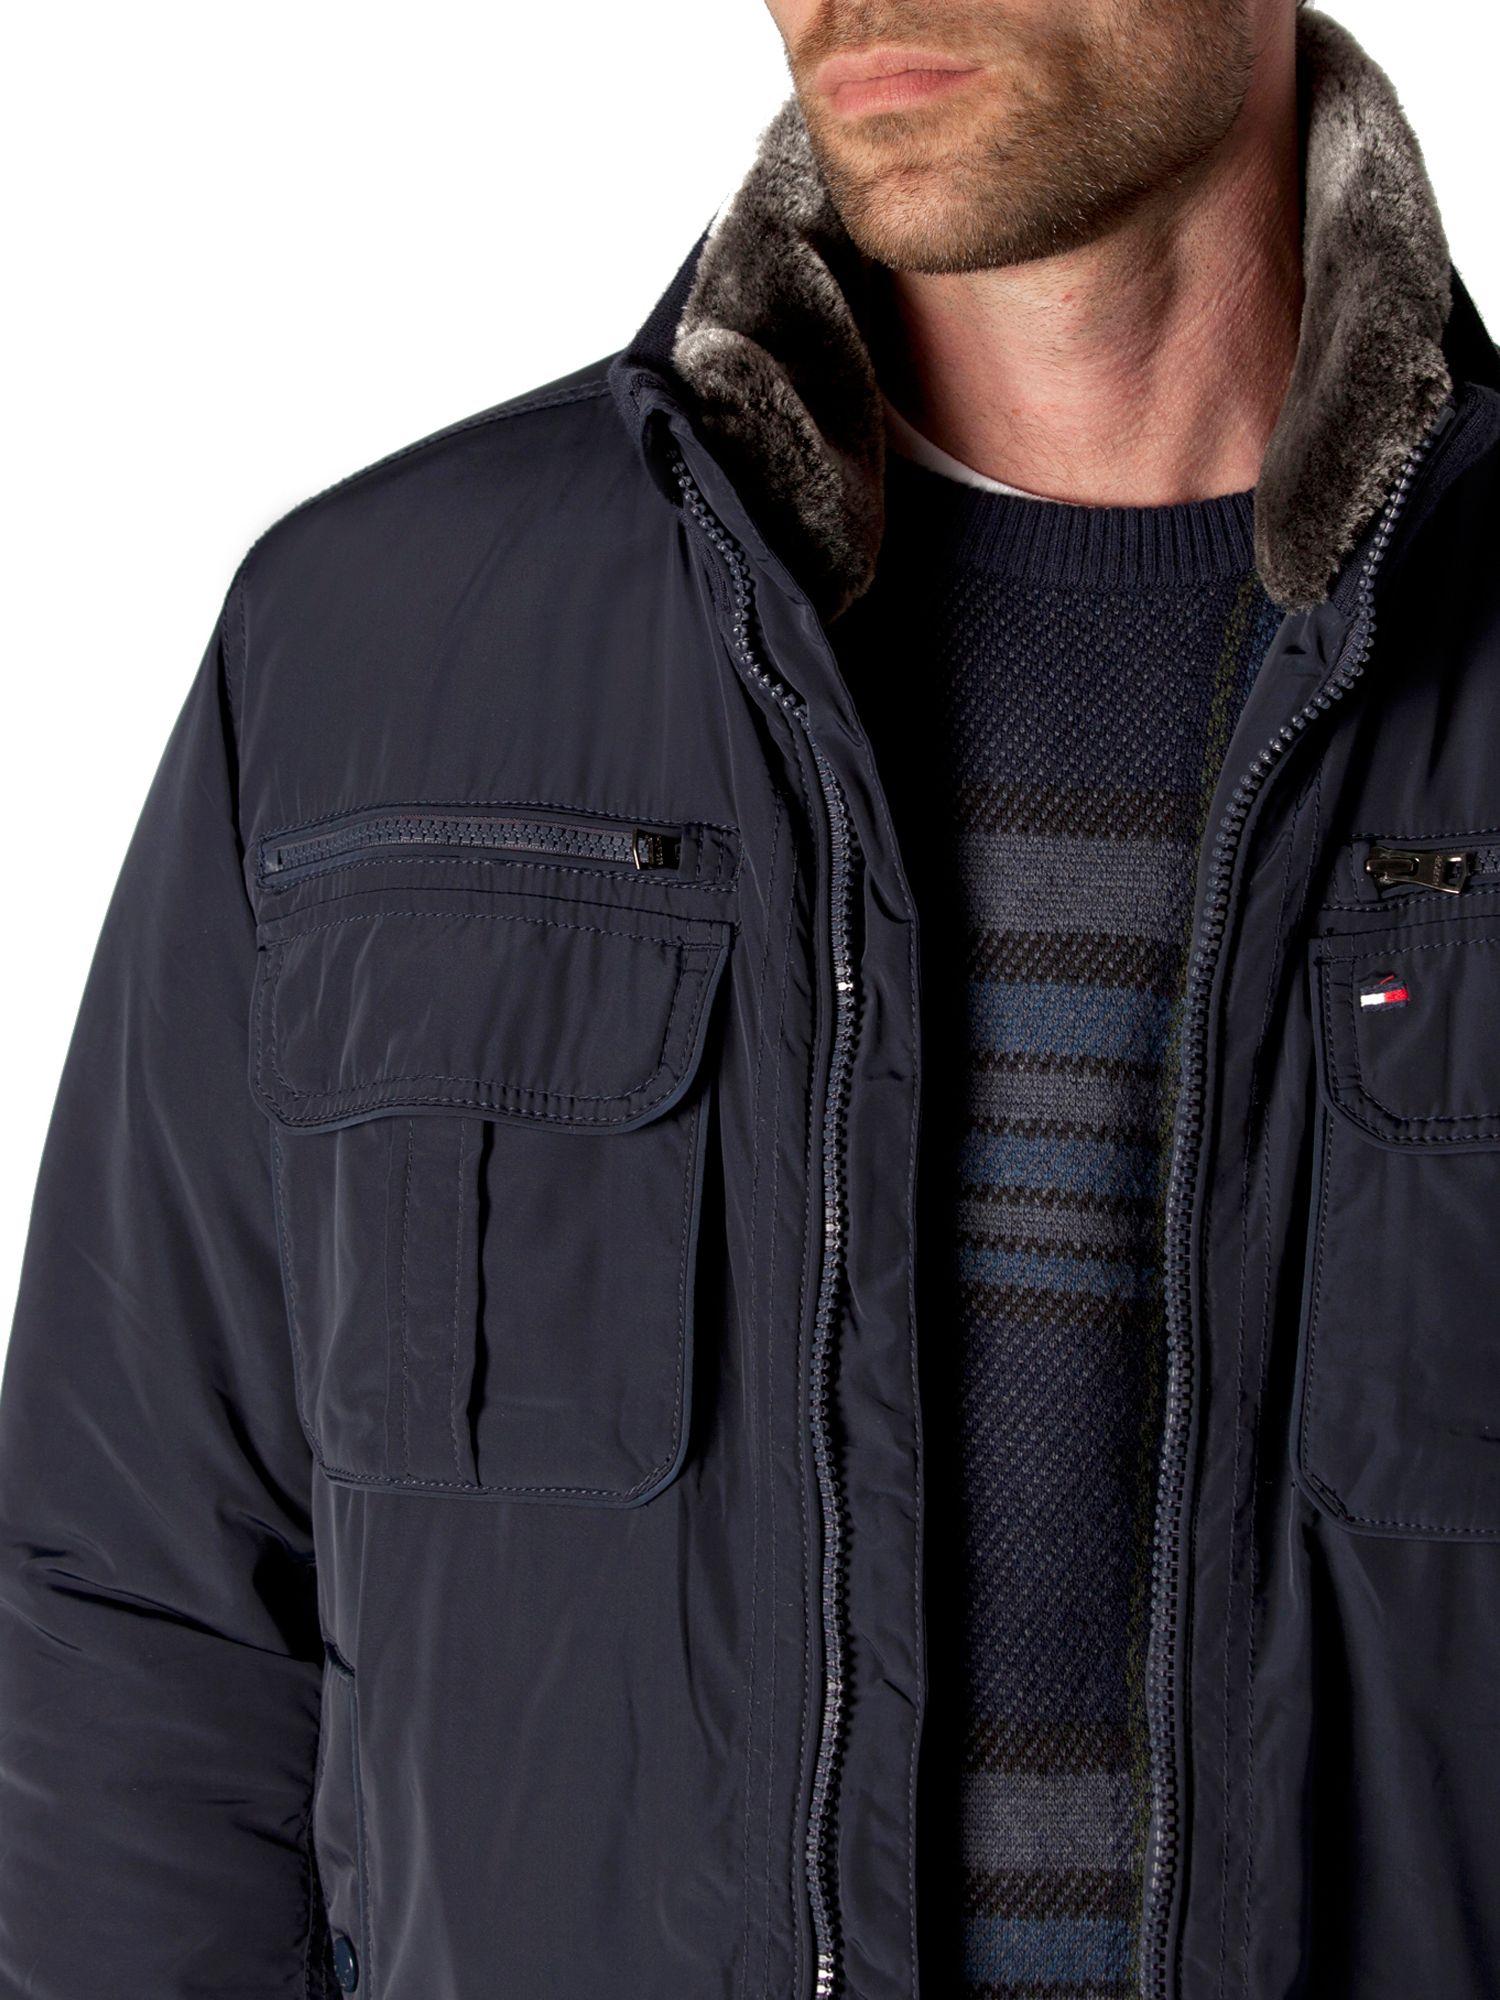 tommy hilfiger ken bomber jacket in blue for men lyst. Black Bedroom Furniture Sets. Home Design Ideas